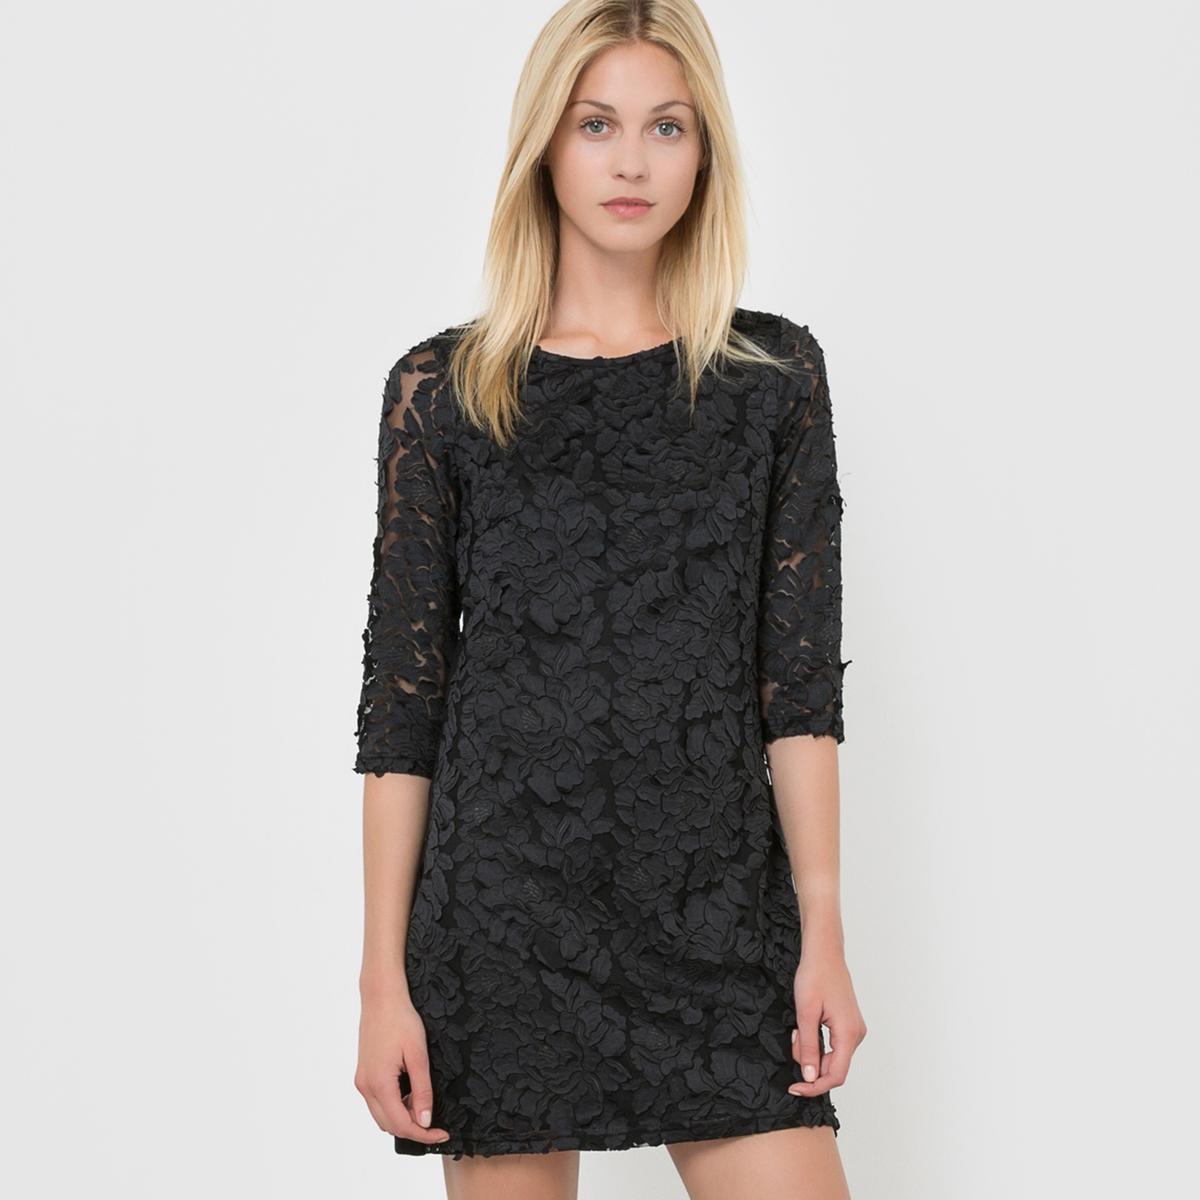 Платье с рукавами 3/4Состав и описаниеМатериал: 100% полиэстера.     Марка: MOLLY BRACKEN.<br><br>Цвет: черный<br>Размер: S.L